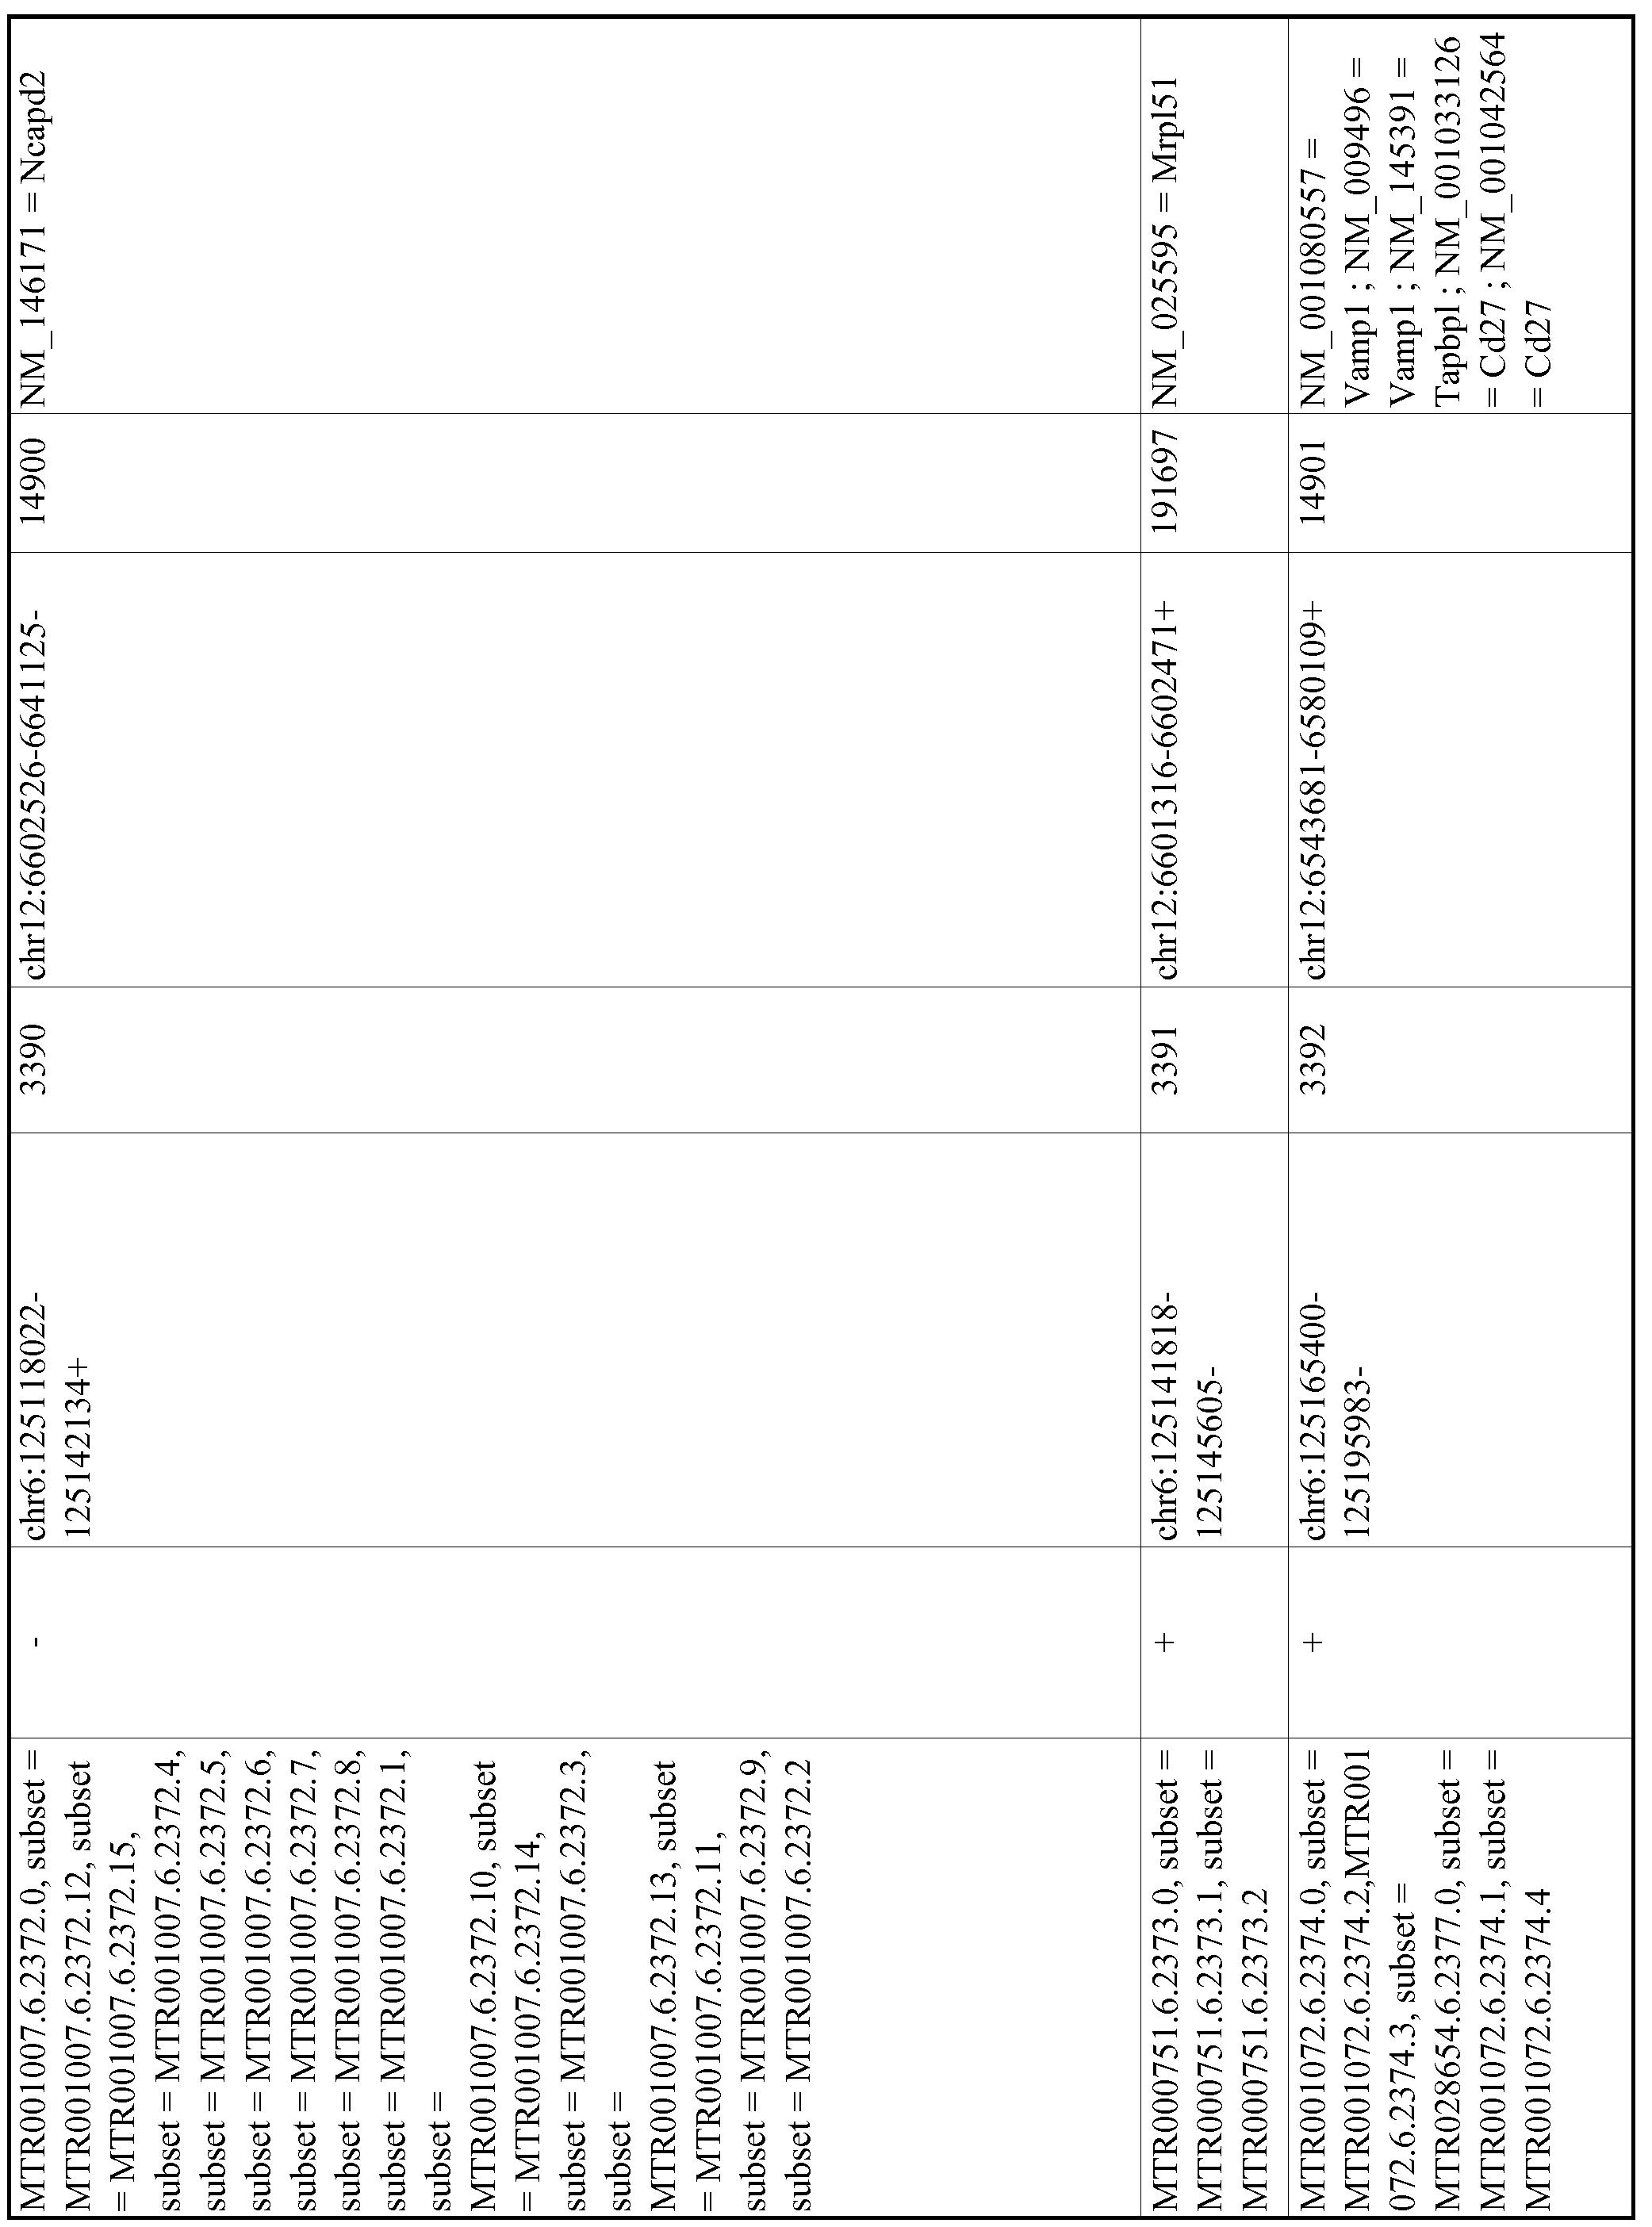 Figure imgf000672_0001